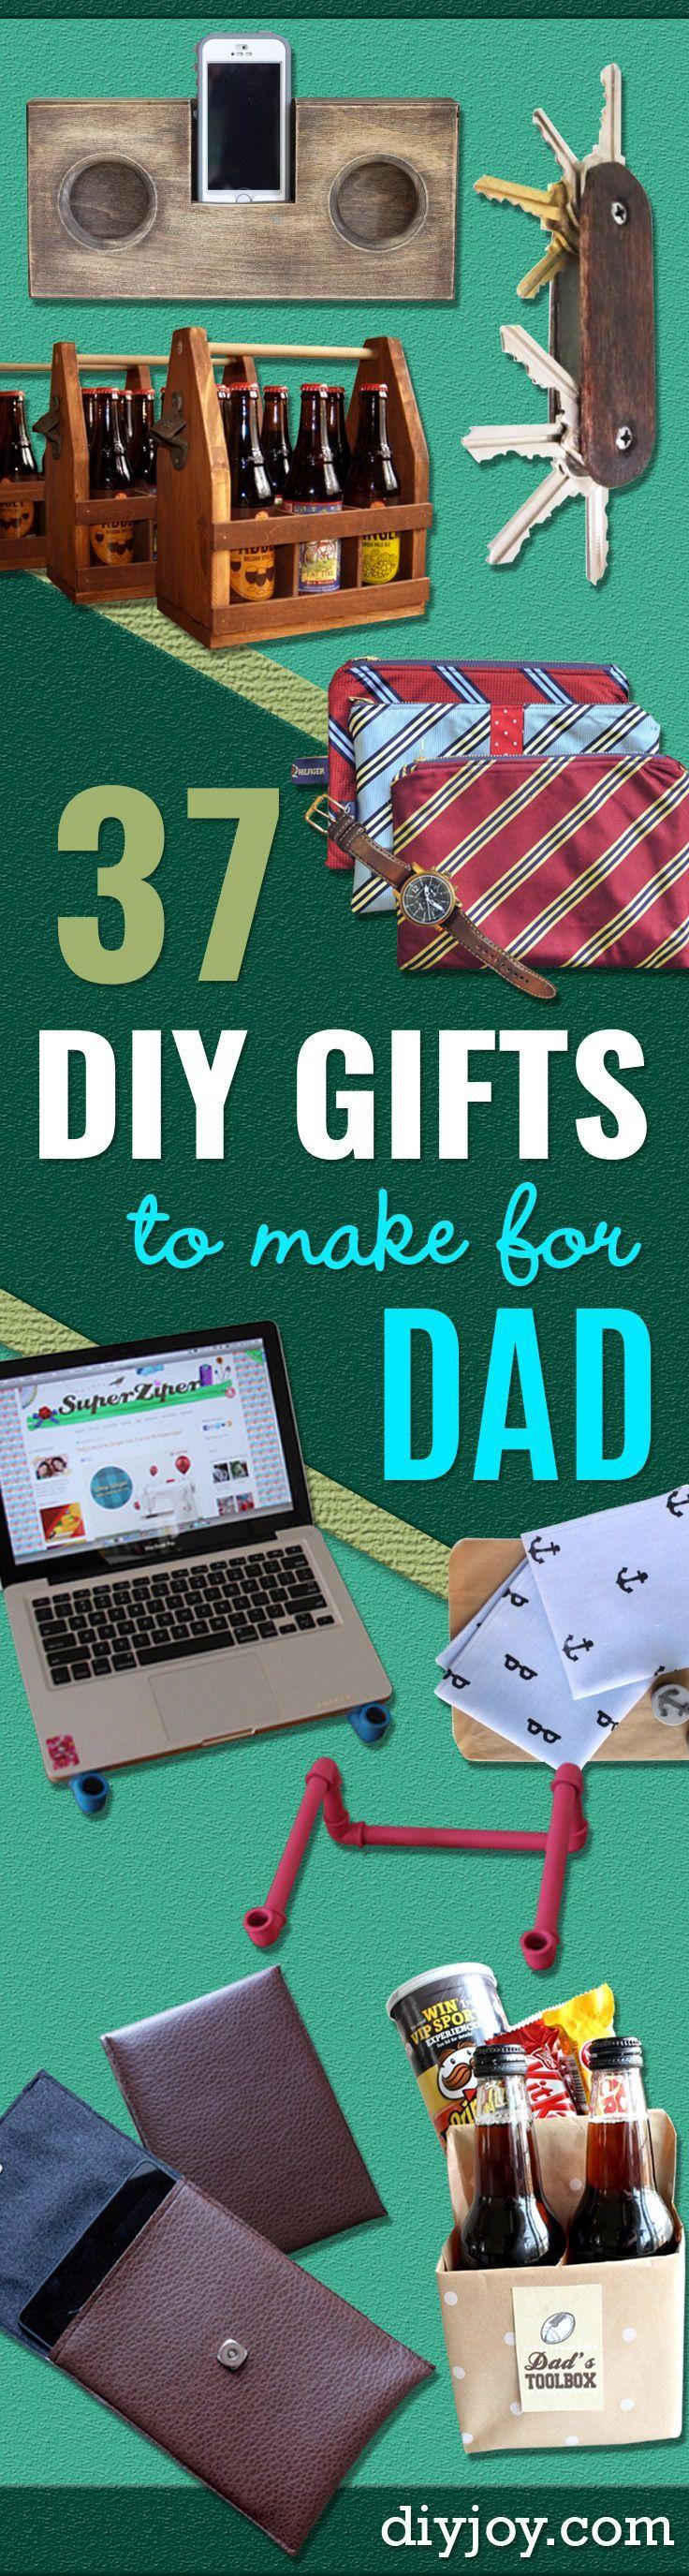 37 awesome diy gifts to make for dad diy diy geschenke. Black Bedroom Furniture Sets. Home Design Ideas